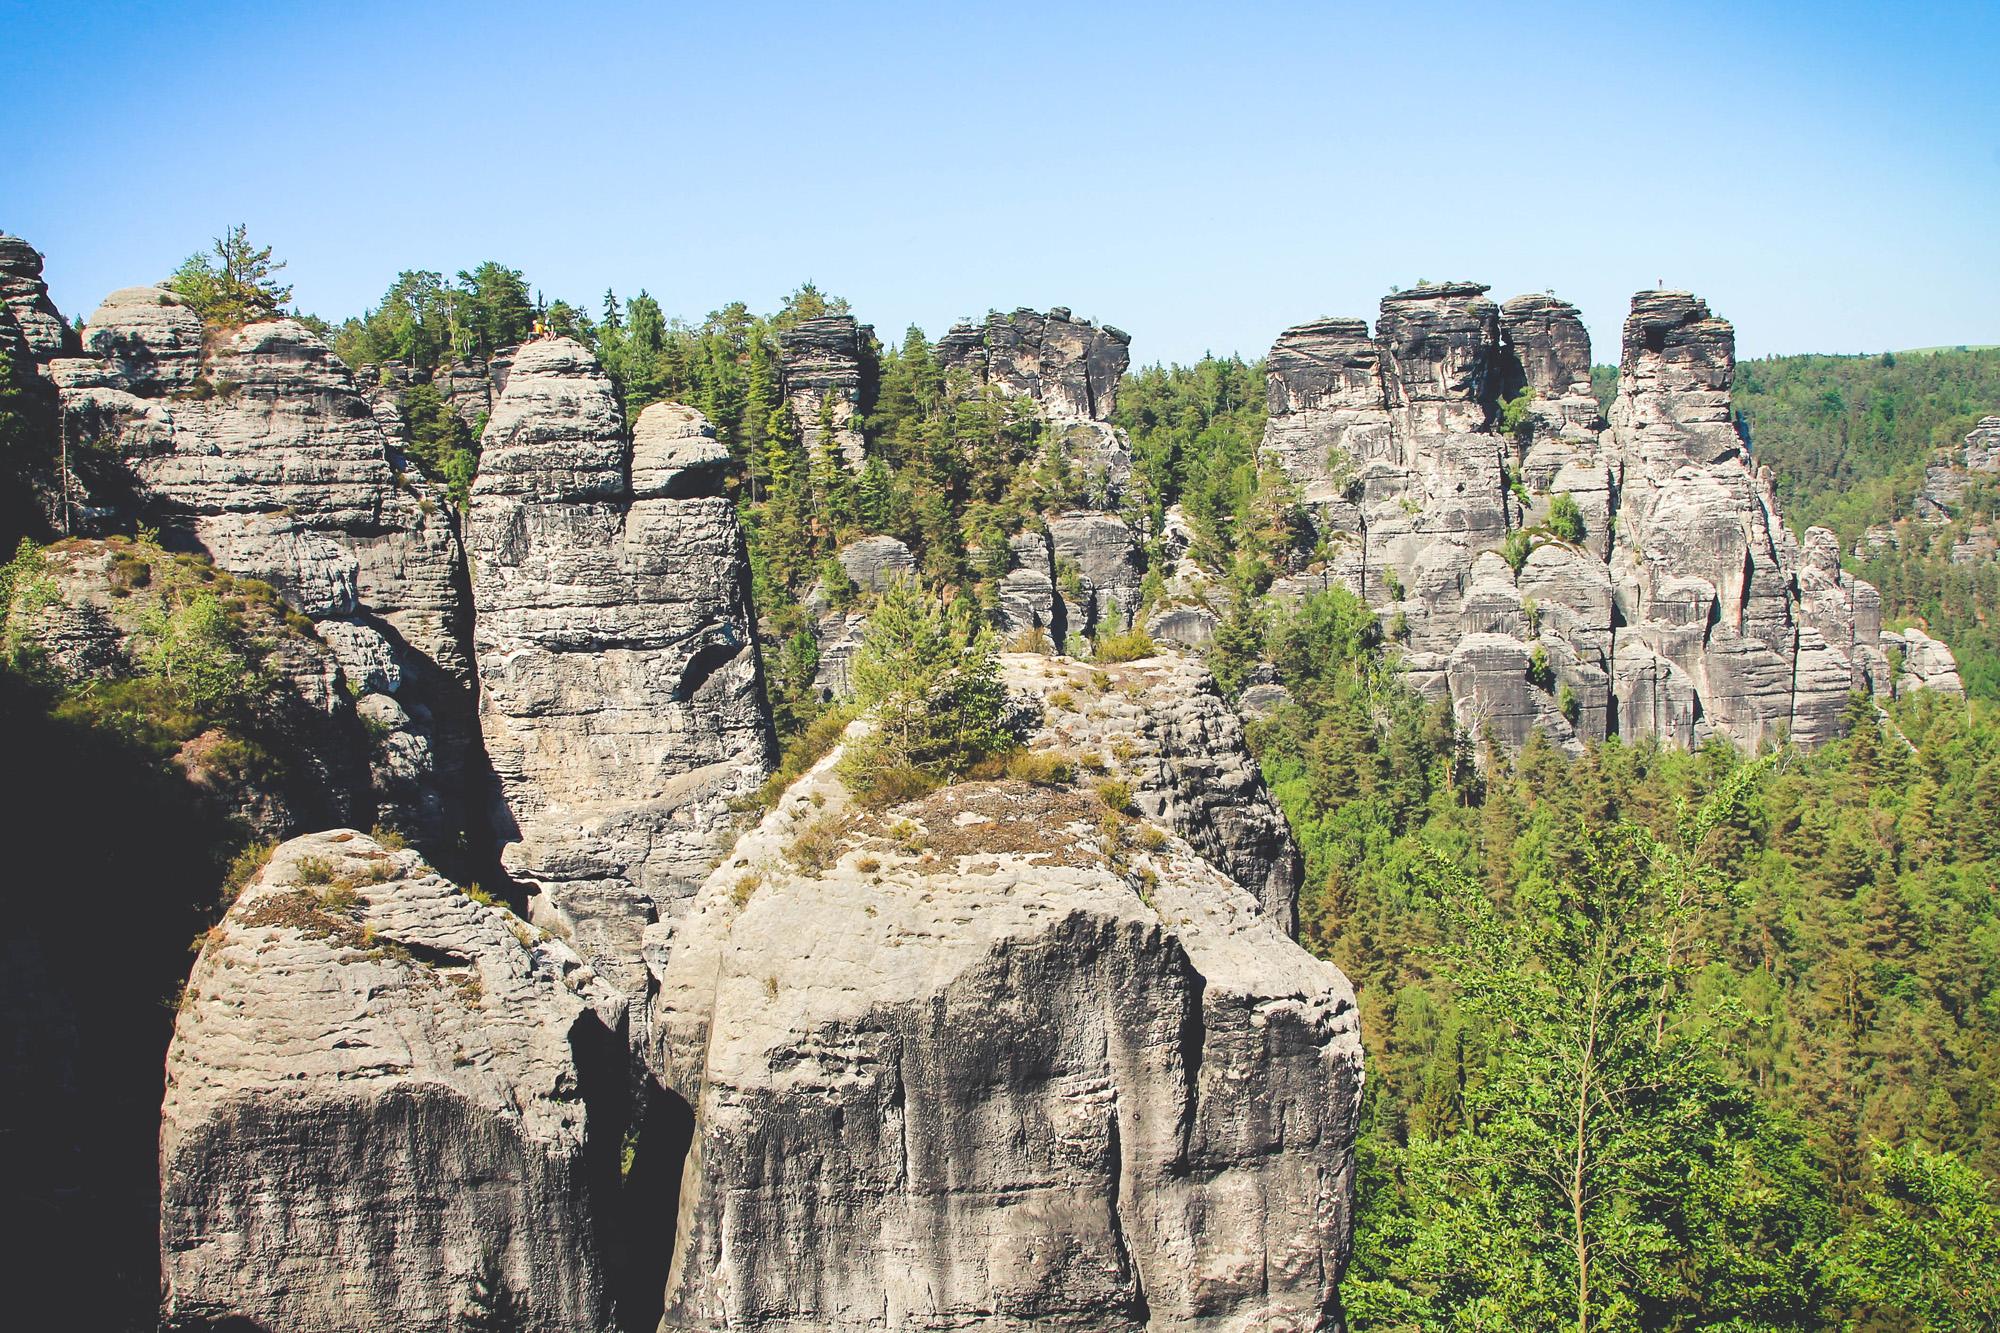 Na ilu czubkach skalnych widzicie ludzi? Na co najmniej dwóch ;)